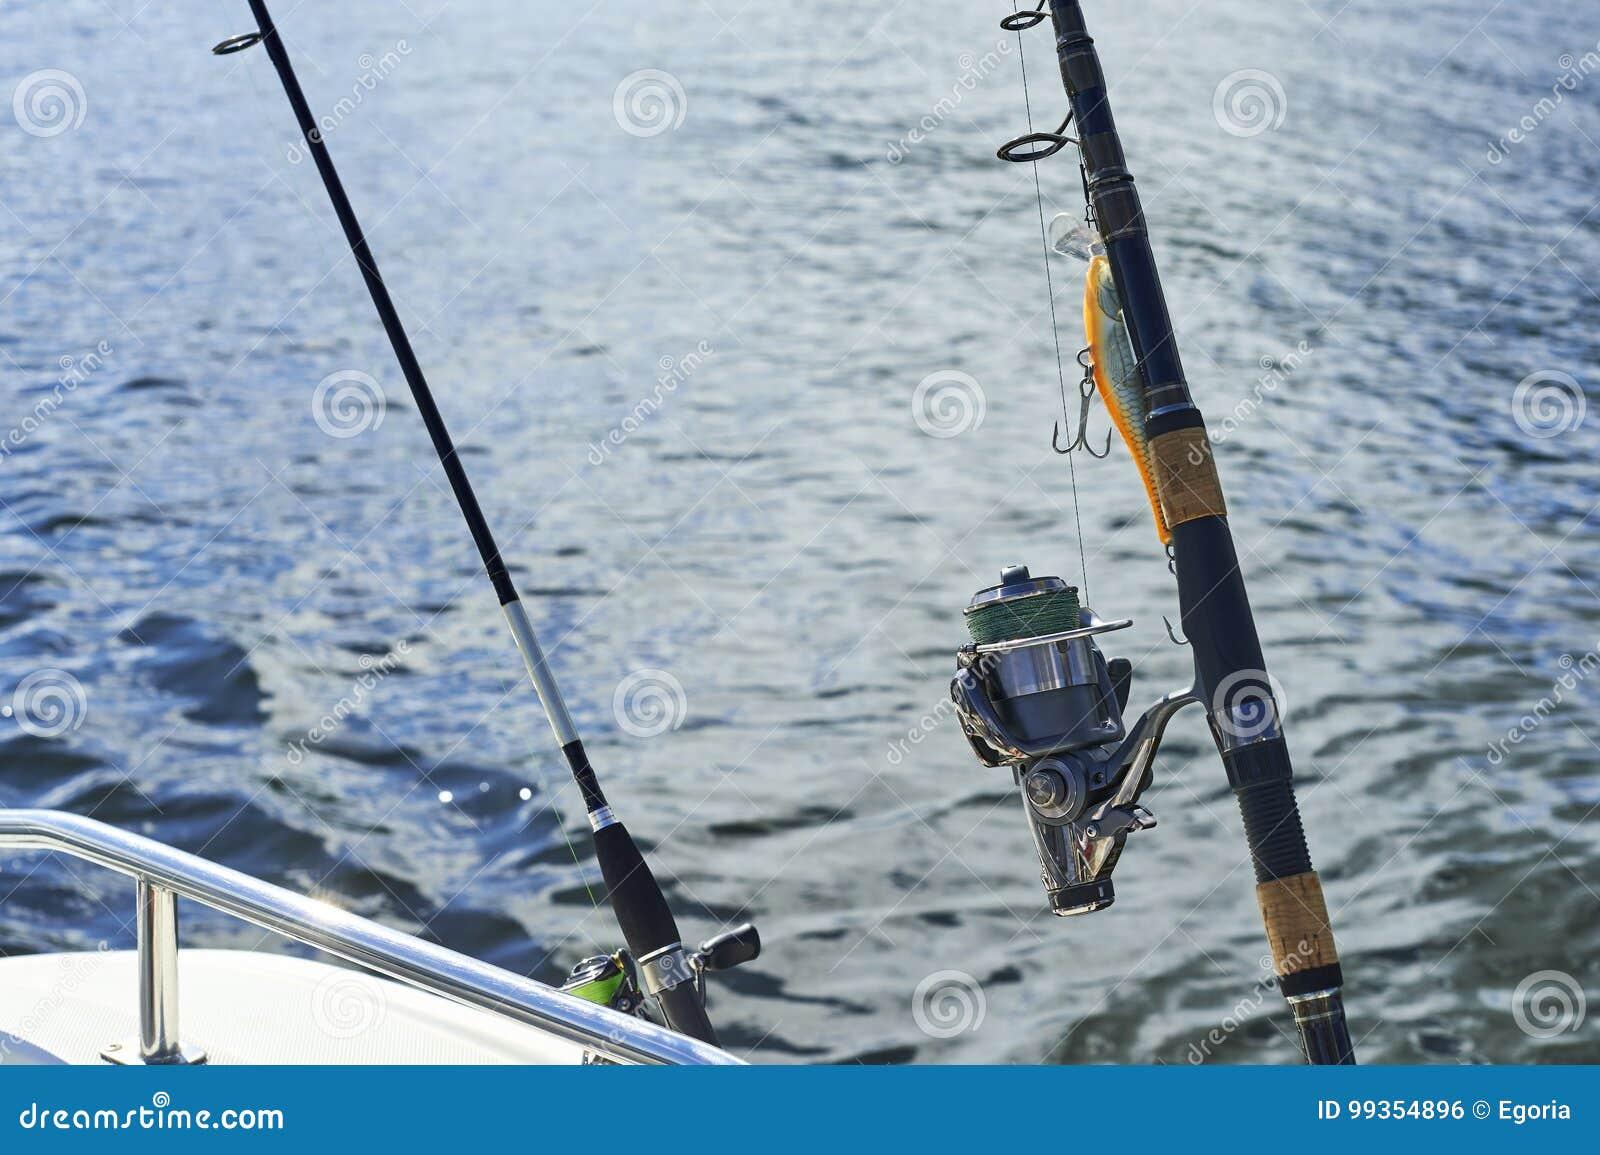 La pesca que pesca con cebo de cuchara contra la perspectiva del río